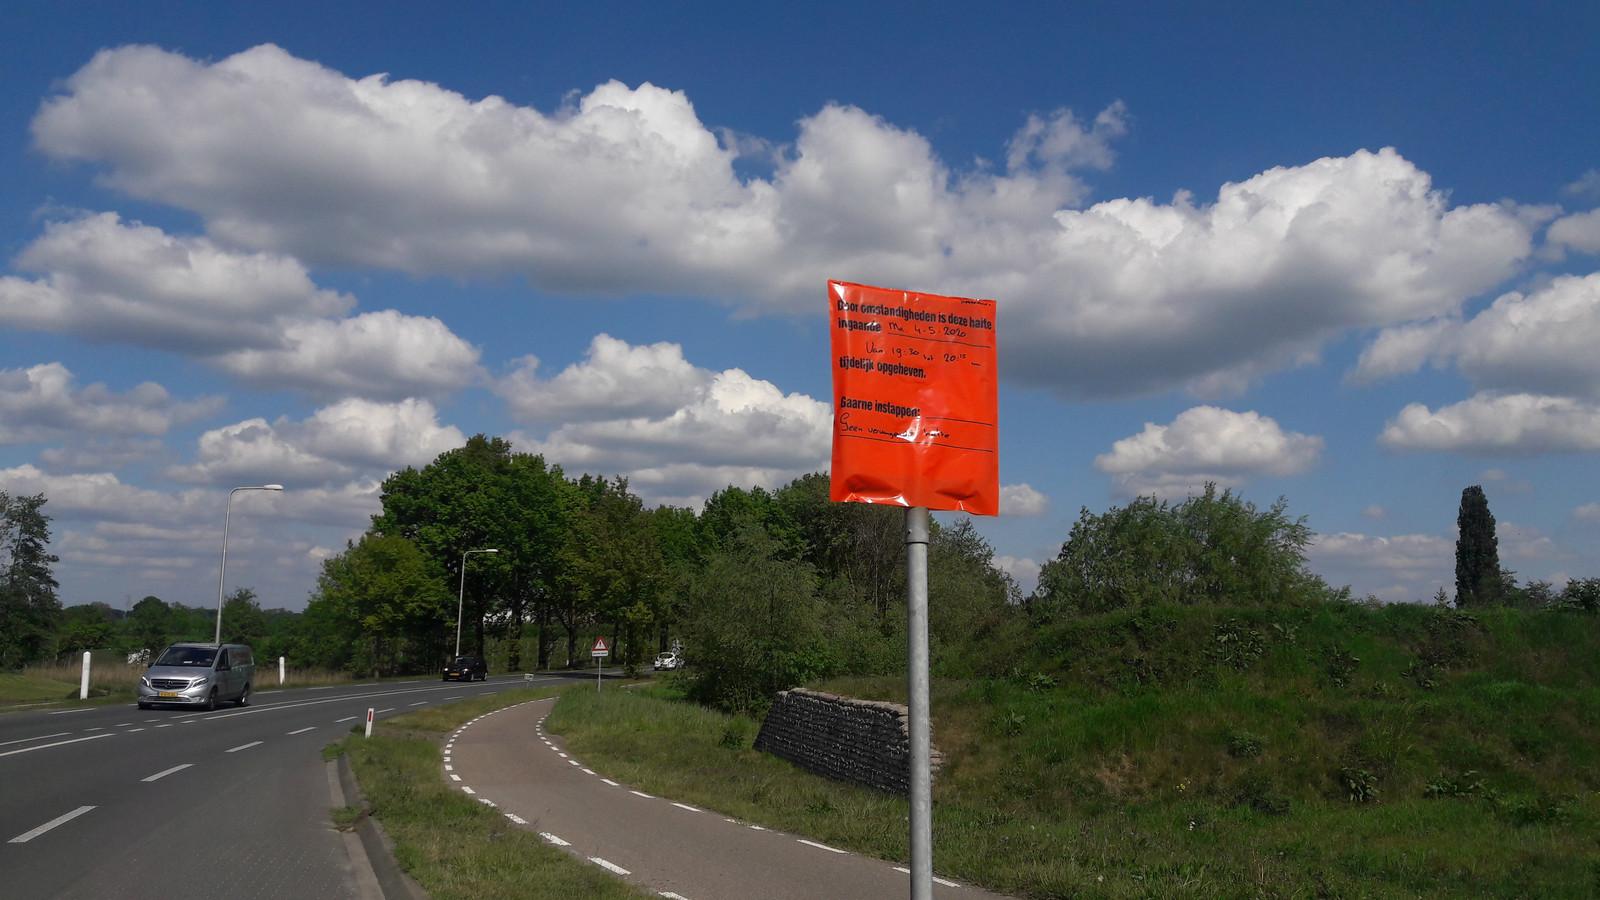 Maandagavond 4 mei rijden geen bussen tussen Wageningen en Rhenen.